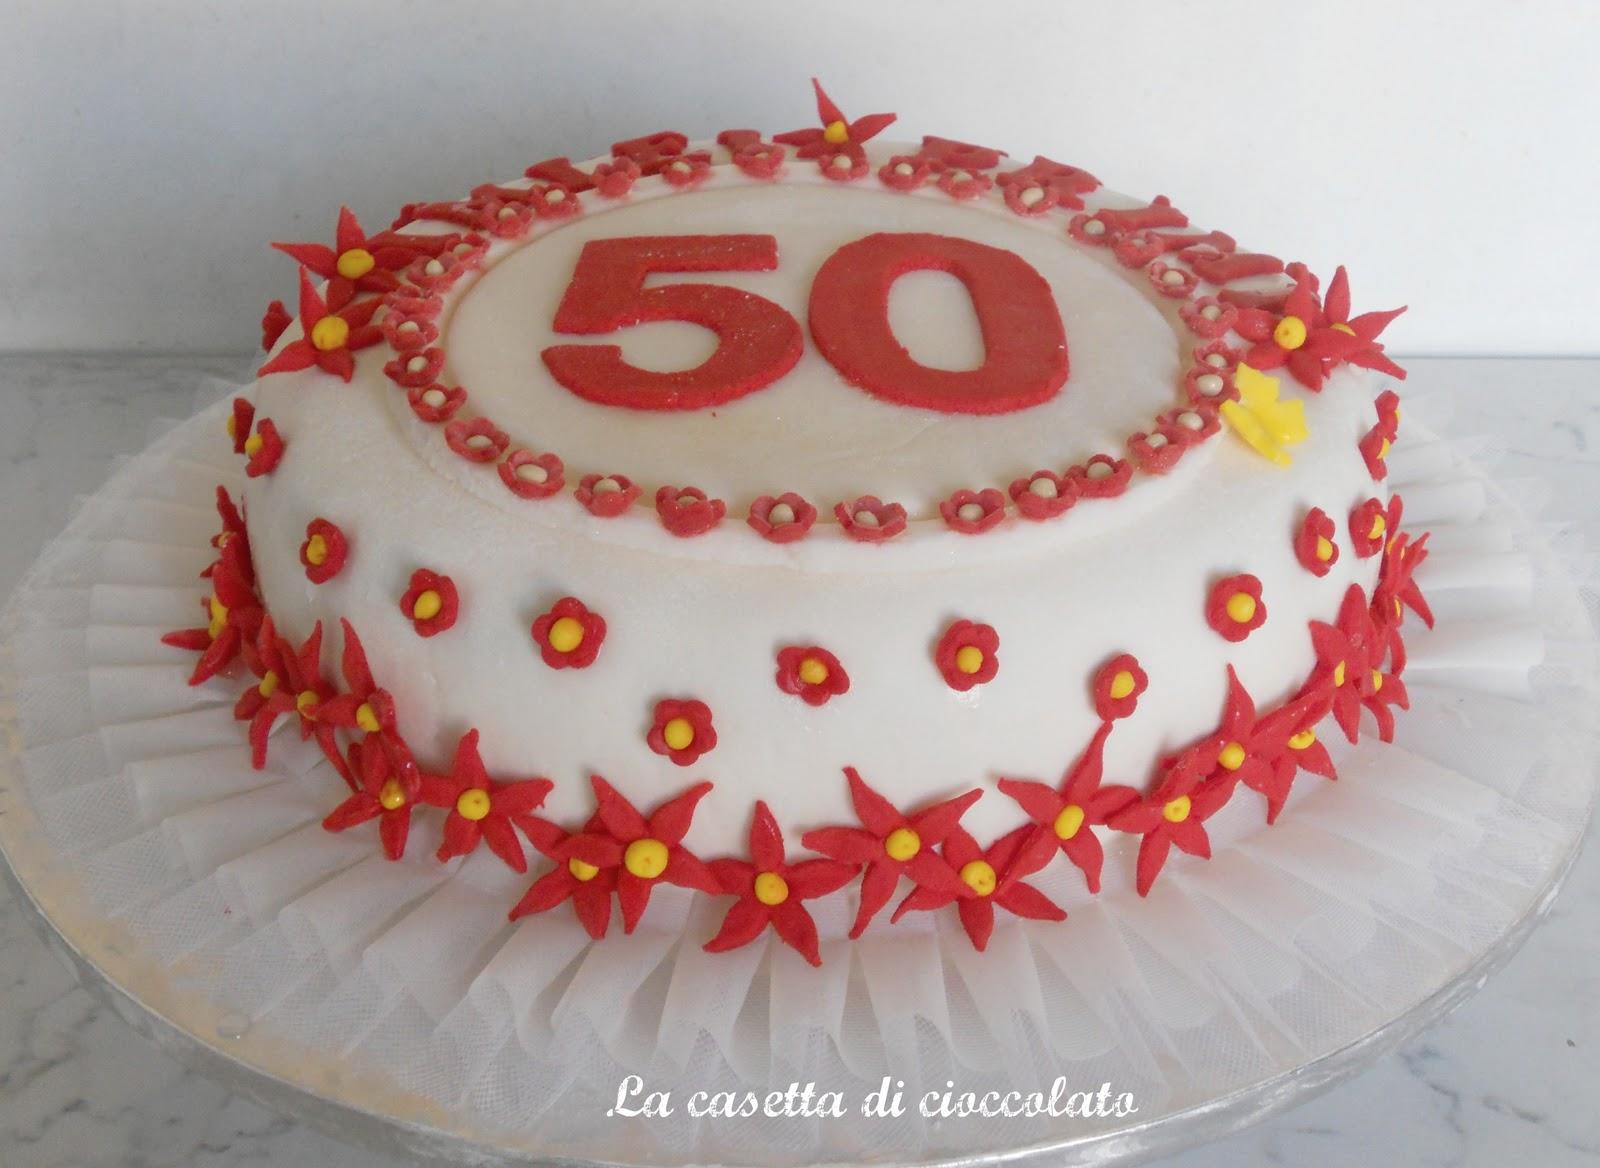 Eccezionale la casetta di cioccolato: I miei primi 50 anni DQ41